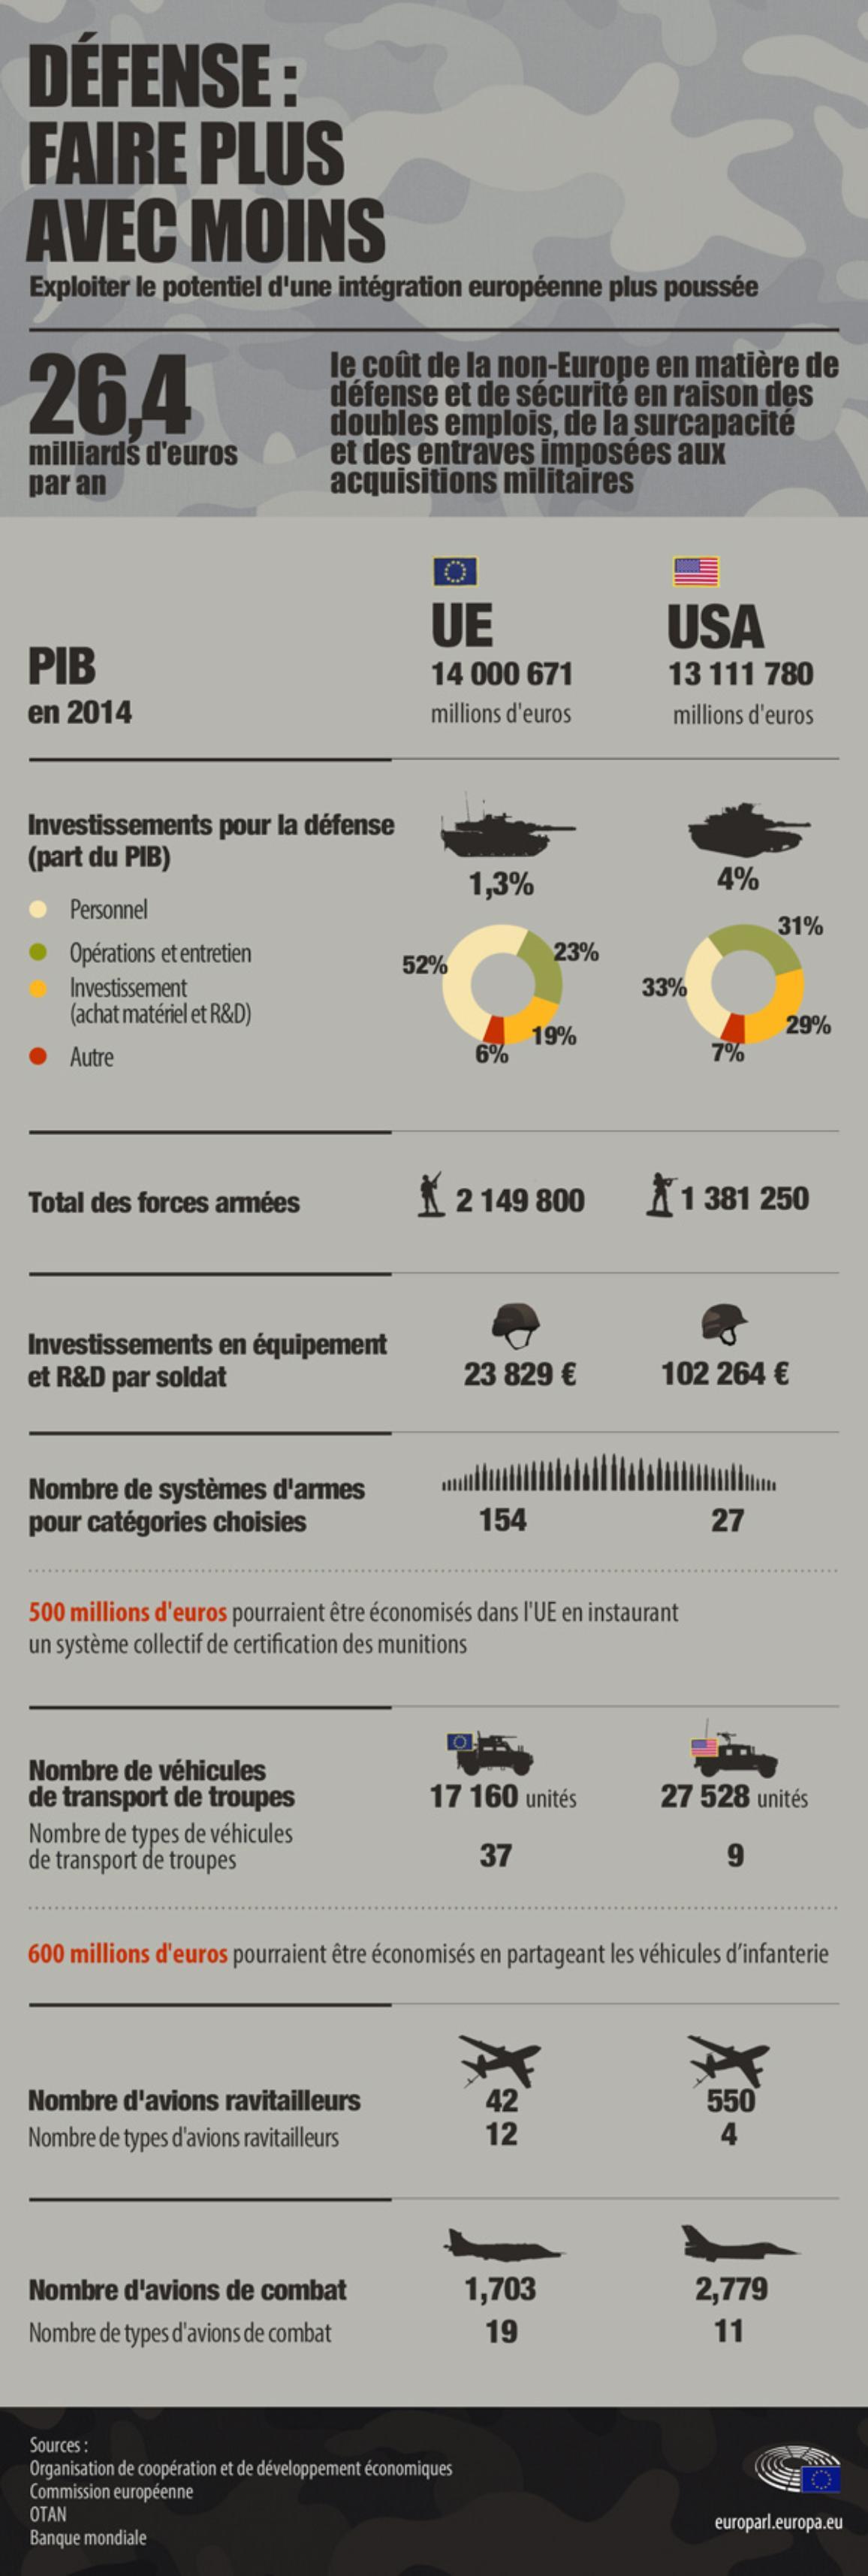 Infographie illustrant le poids financier d'une faible coopération en matière de défense entre les pays membres de l'UE.